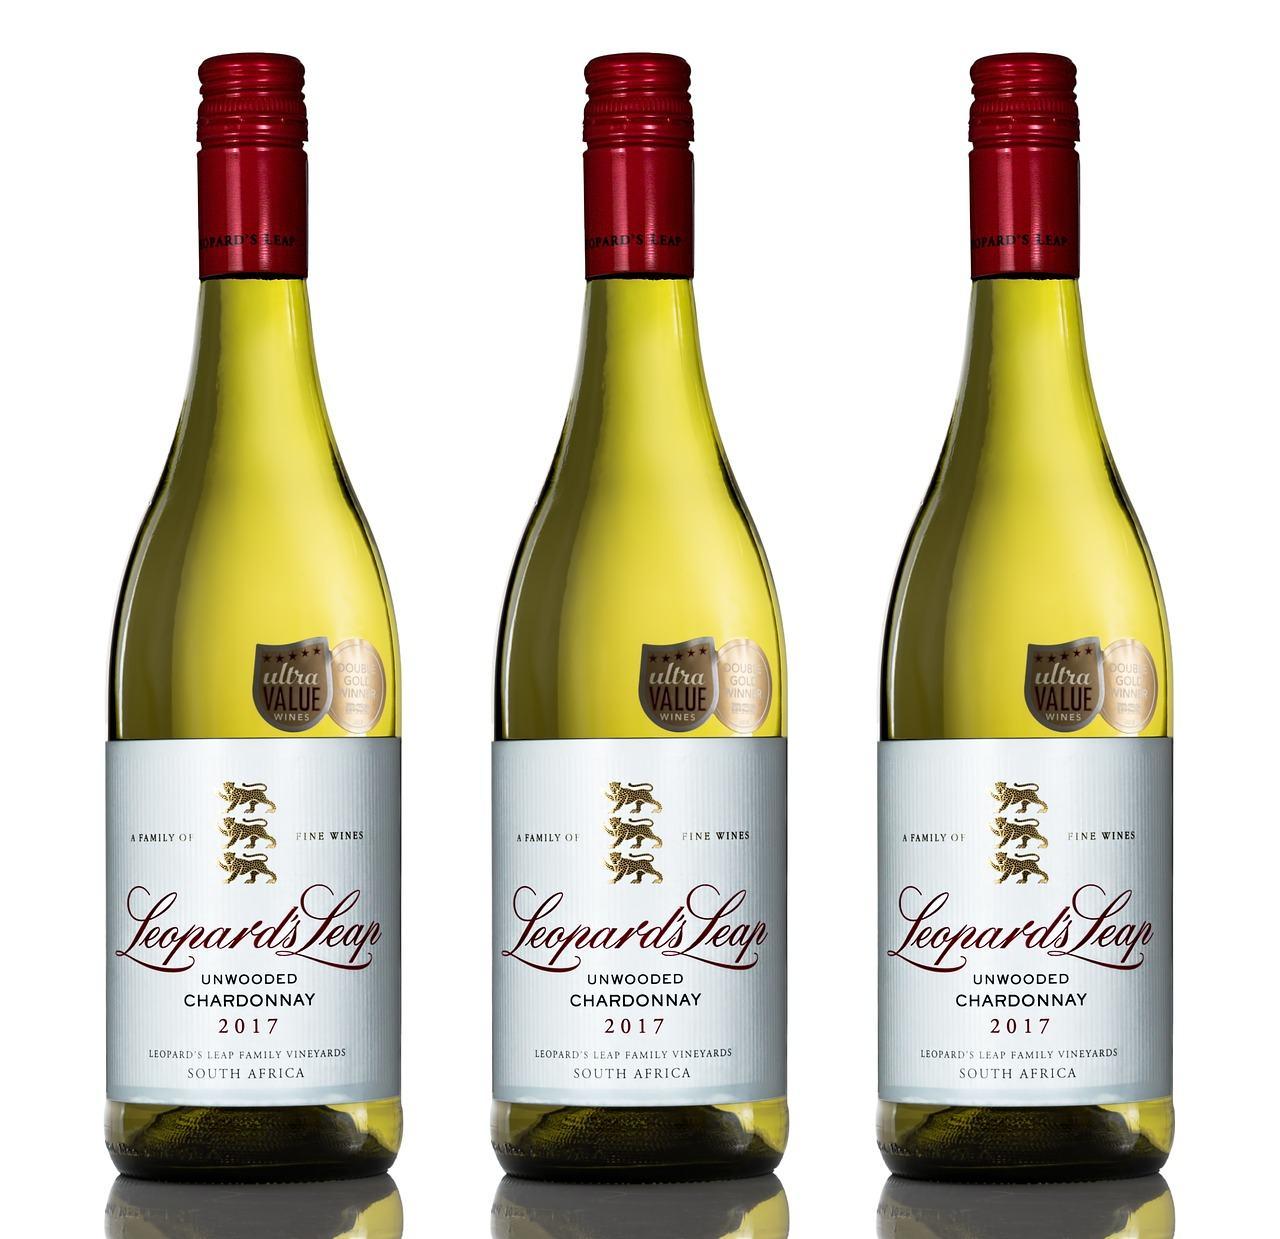 Kvalitets hvidvin i mange varianter - find den online